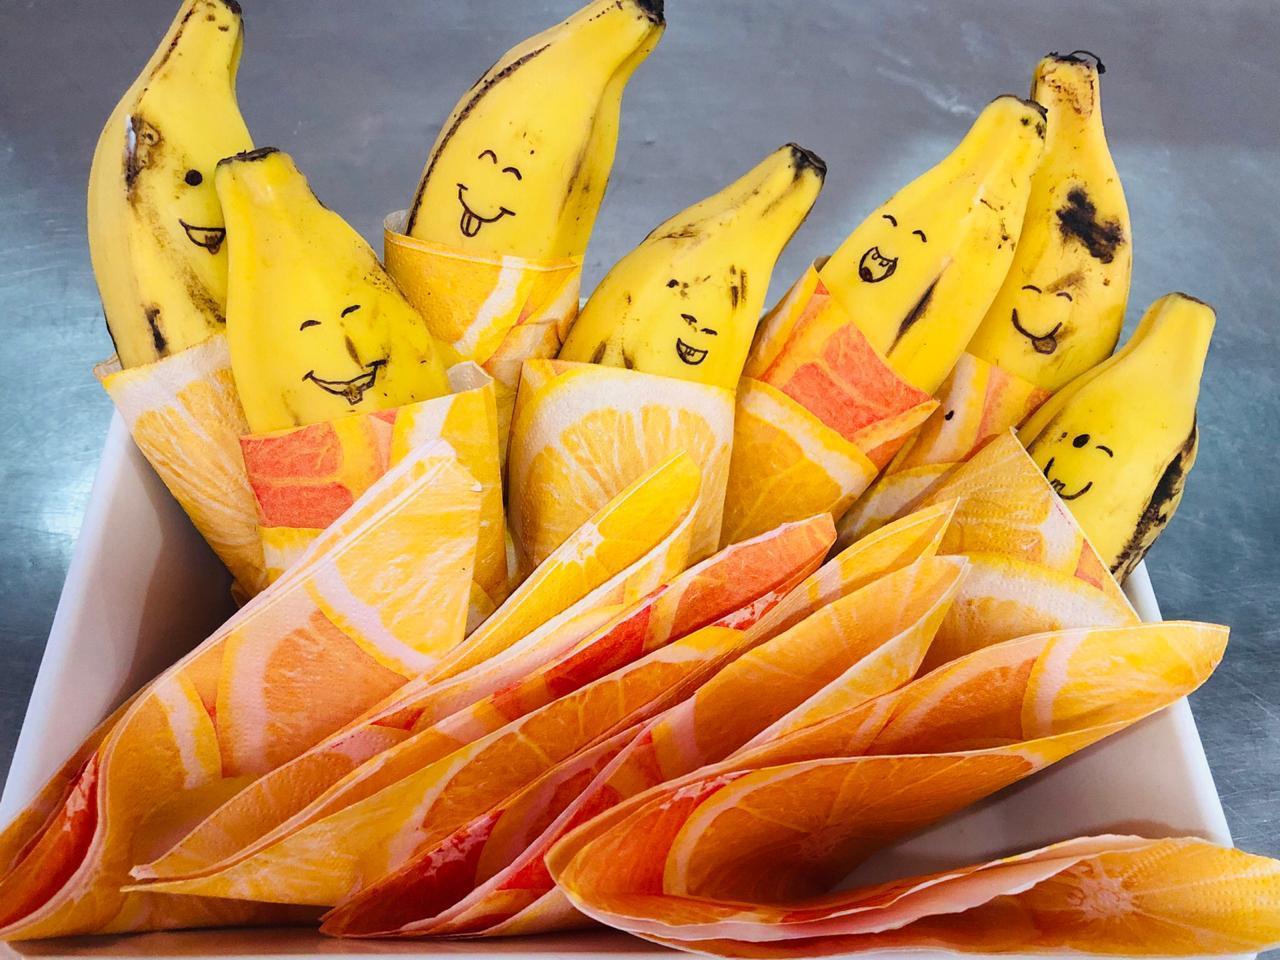 bananas-com-desenhos-de-olhinhos-e-boquinhas-em-suas-cascas